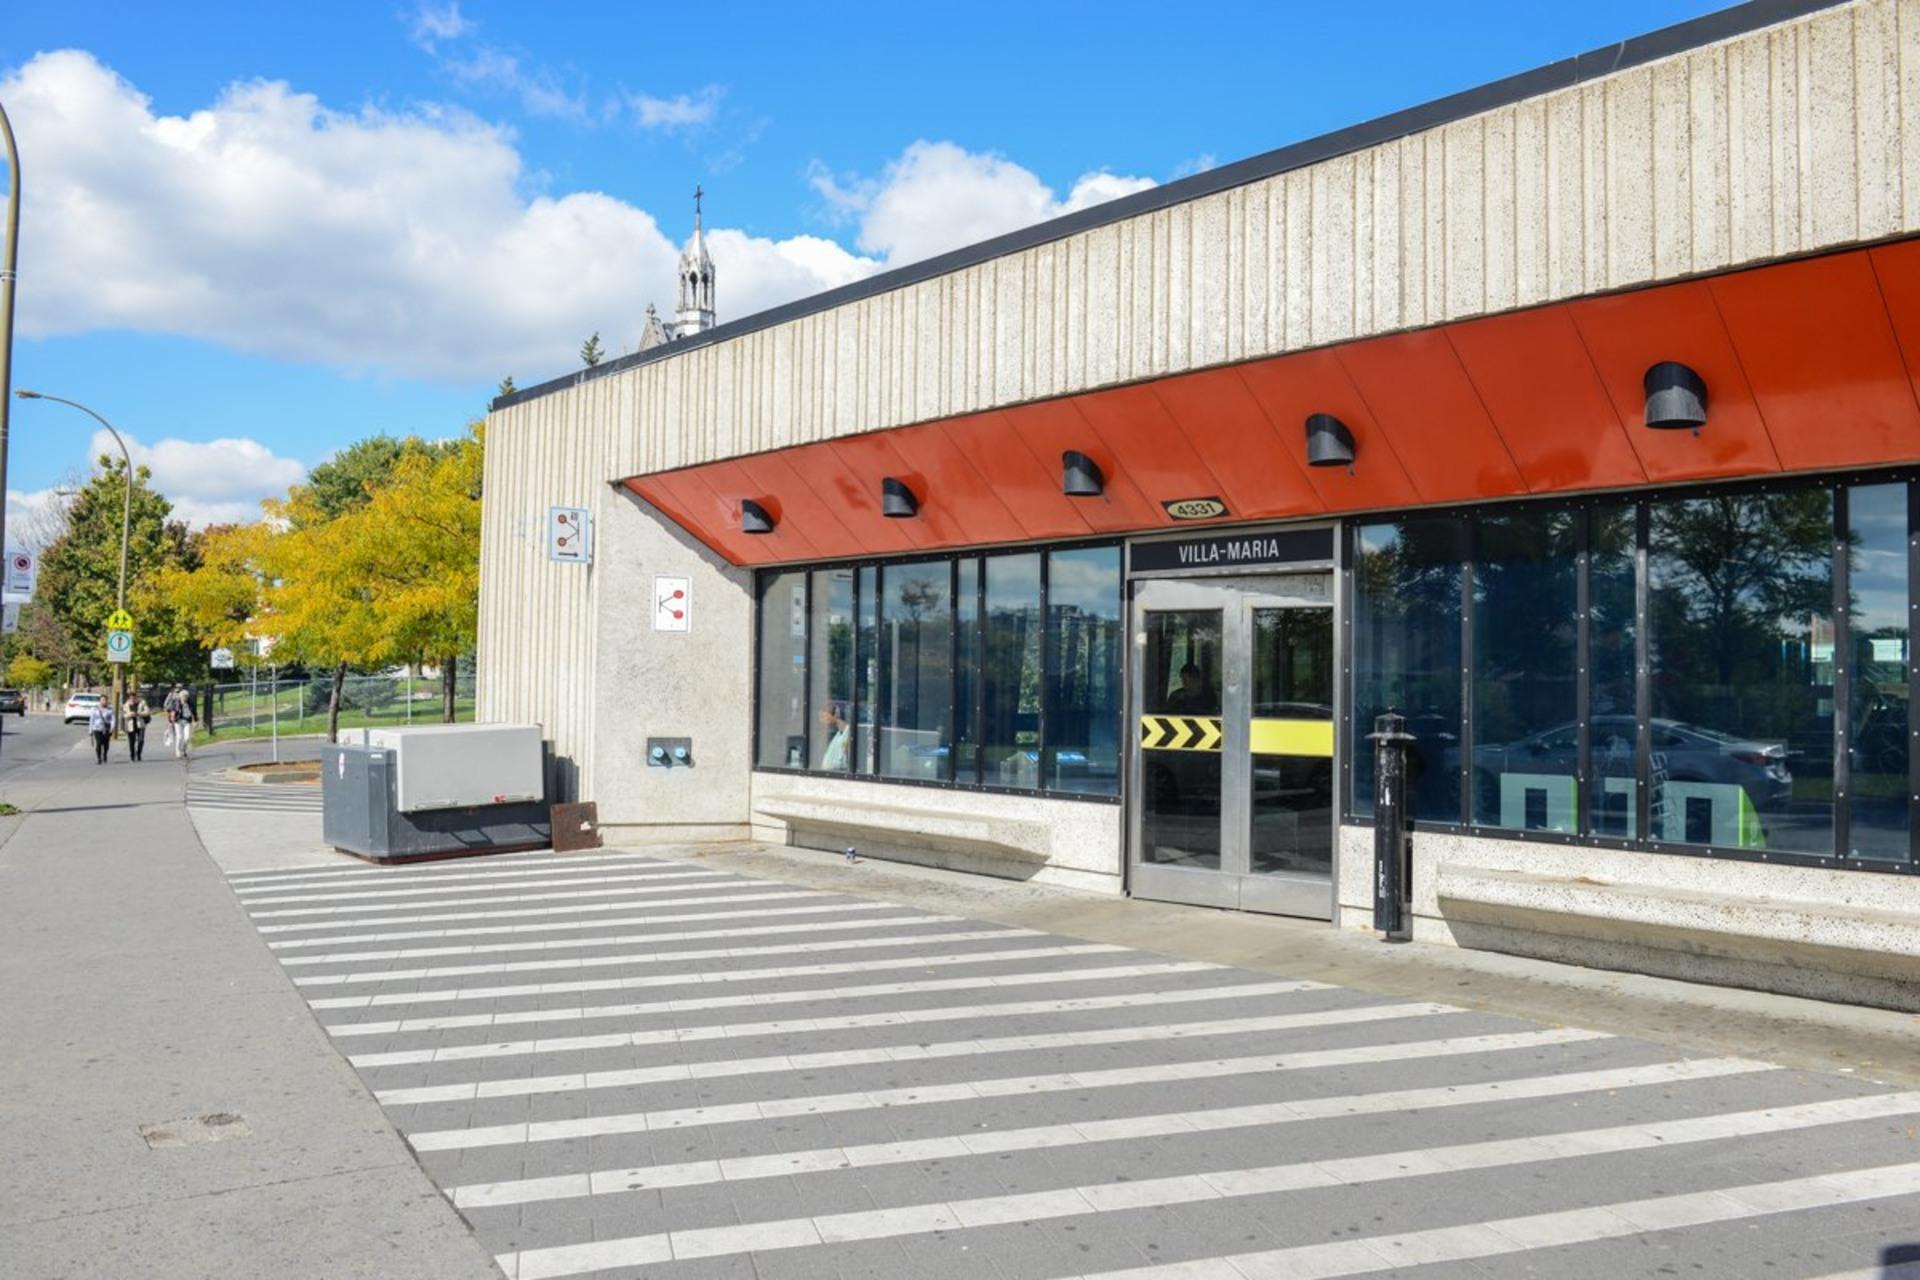 image 24 - Appartement À vendre Côte-des-Neiges/Notre-Dame-de-Grâce Montréal  - 7 pièces